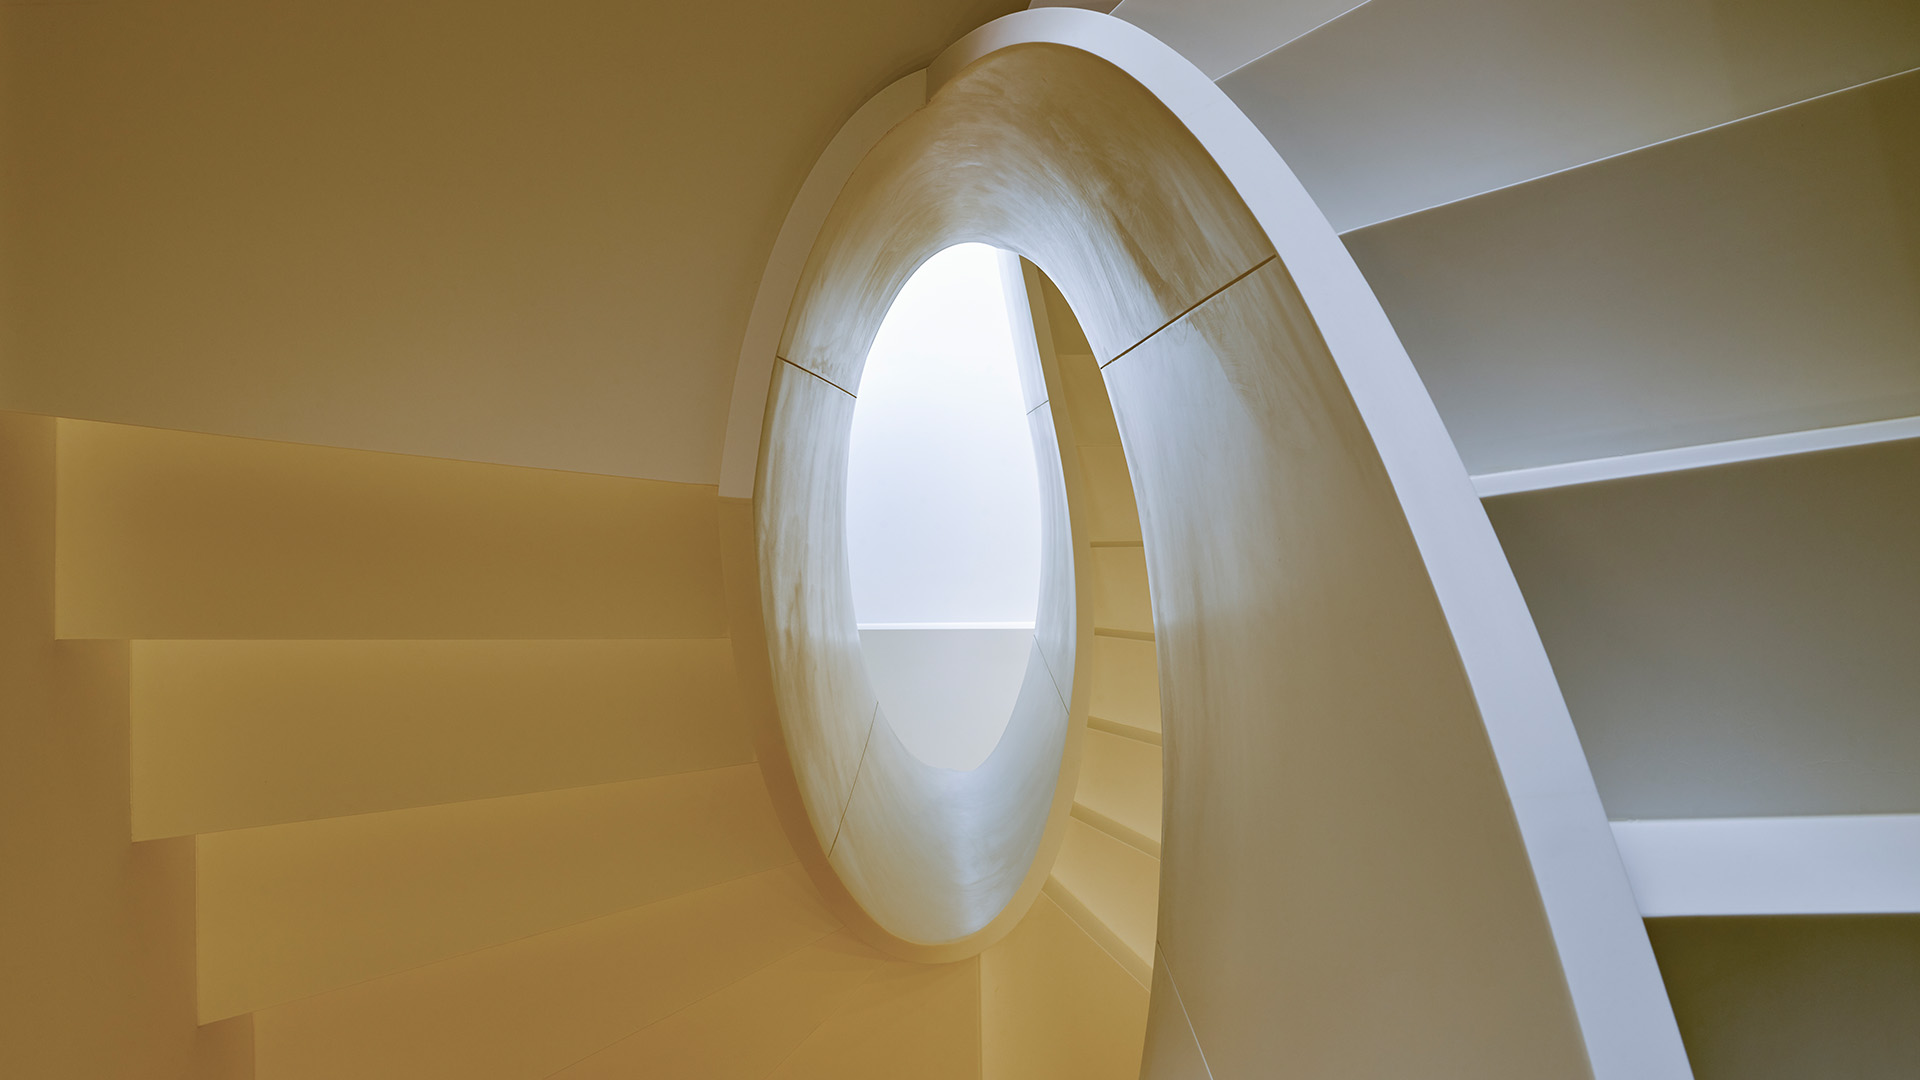 Maritimo central staircase